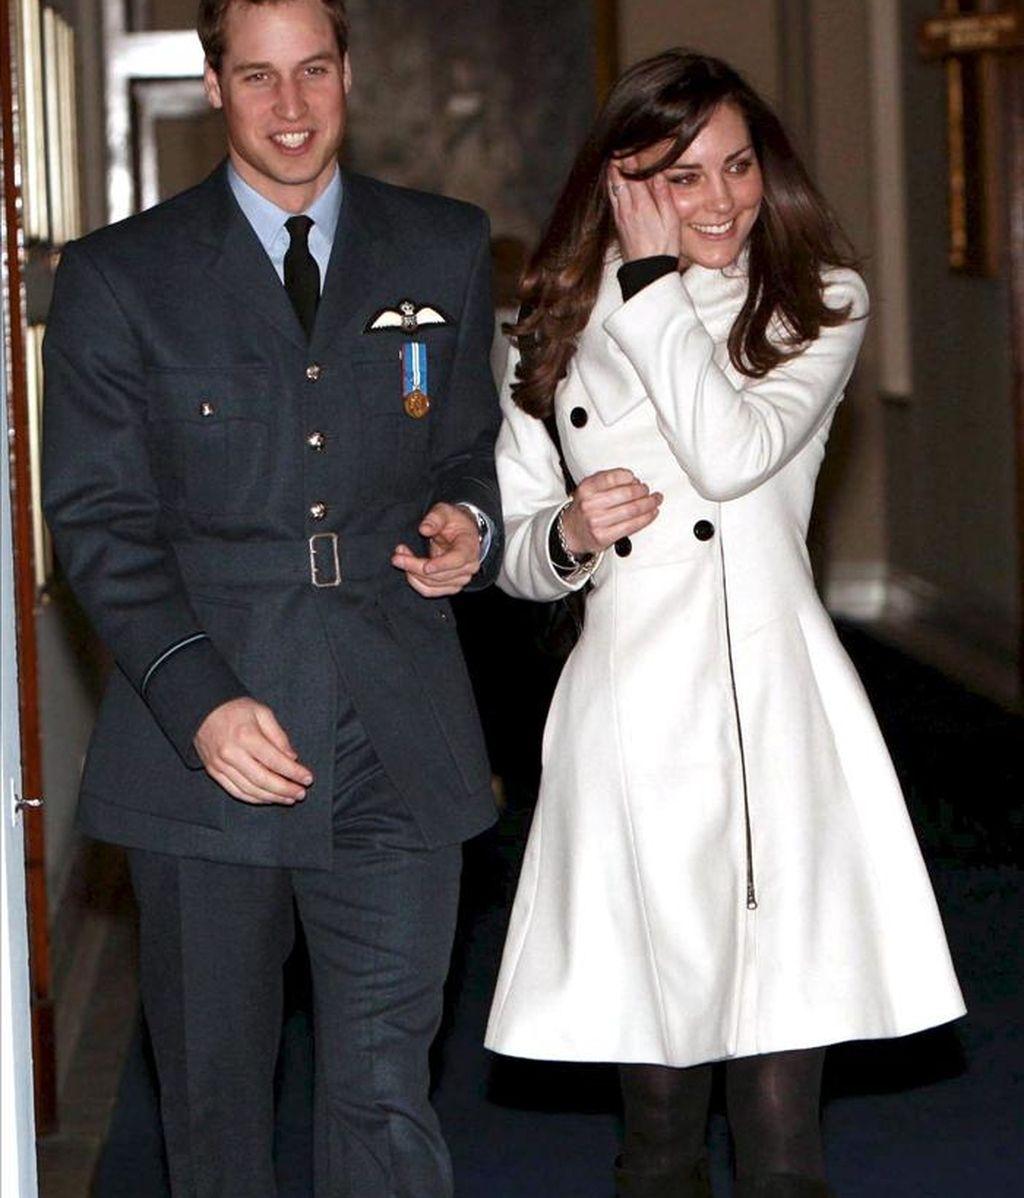 El príncipe Guillermo de Inglaterra y su novia Kate Middleton durante la ceremonia de graduación celebrada en RAF Cranwell (R.Unido). EFE/Archivo